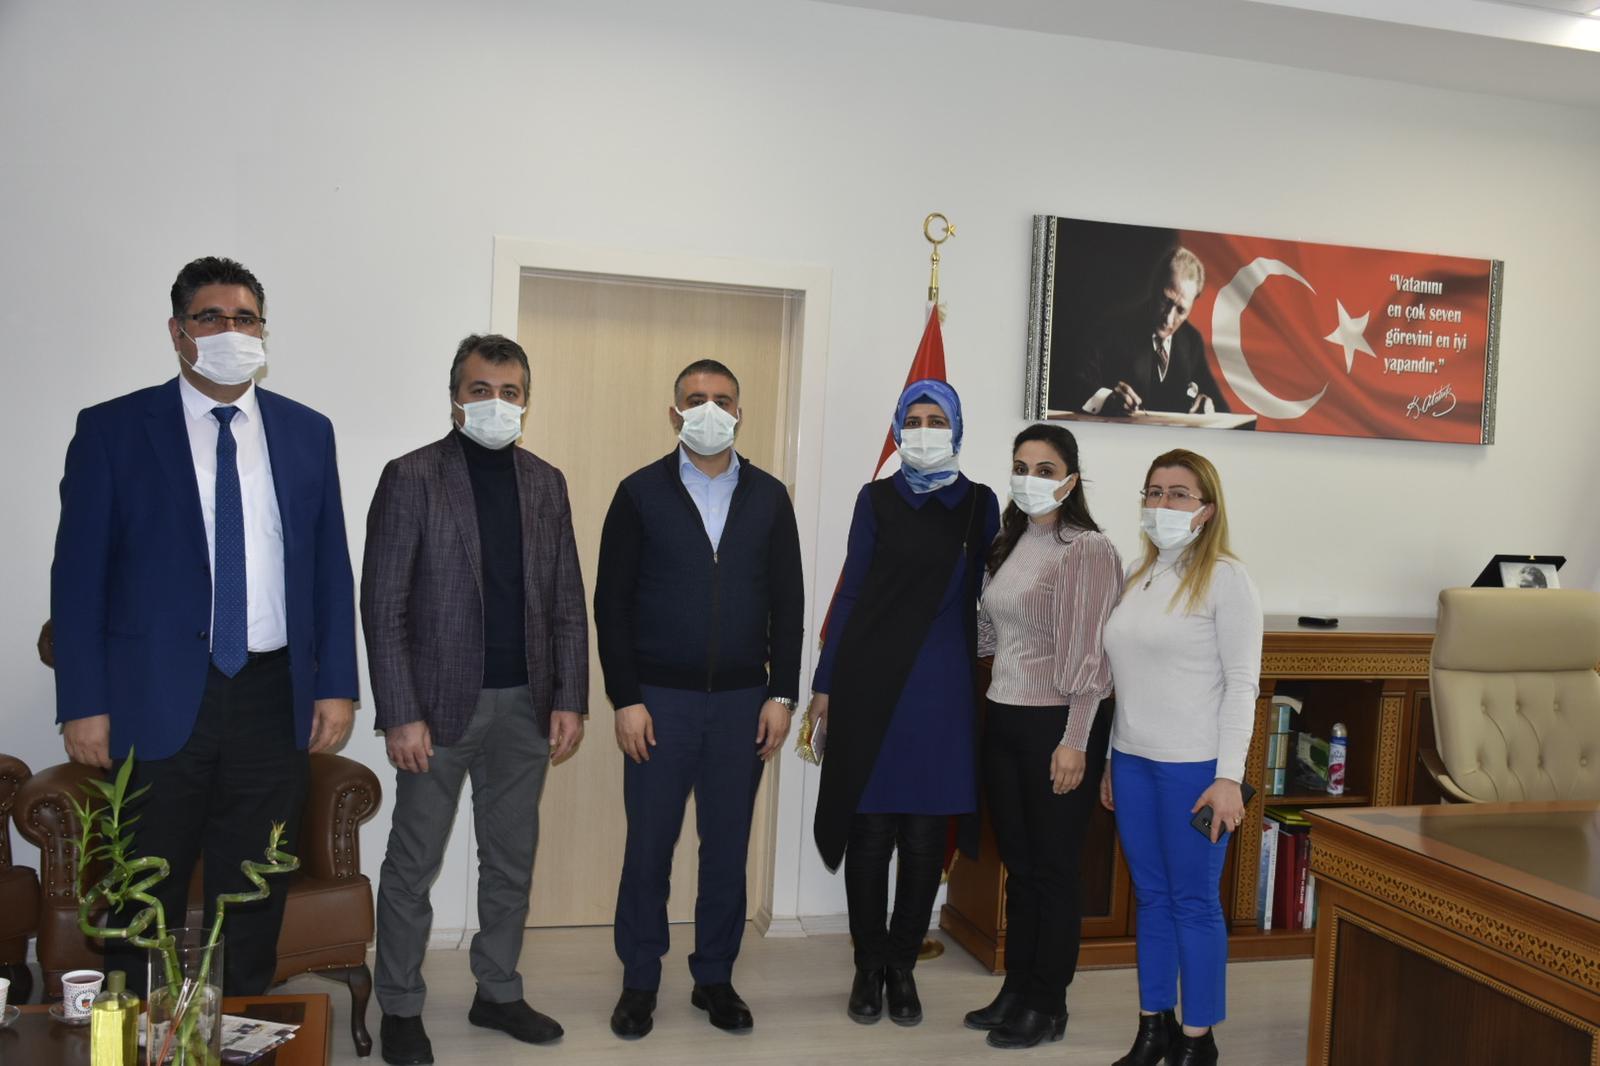 Mardin'de 233 kişi organ bağışında bulundu